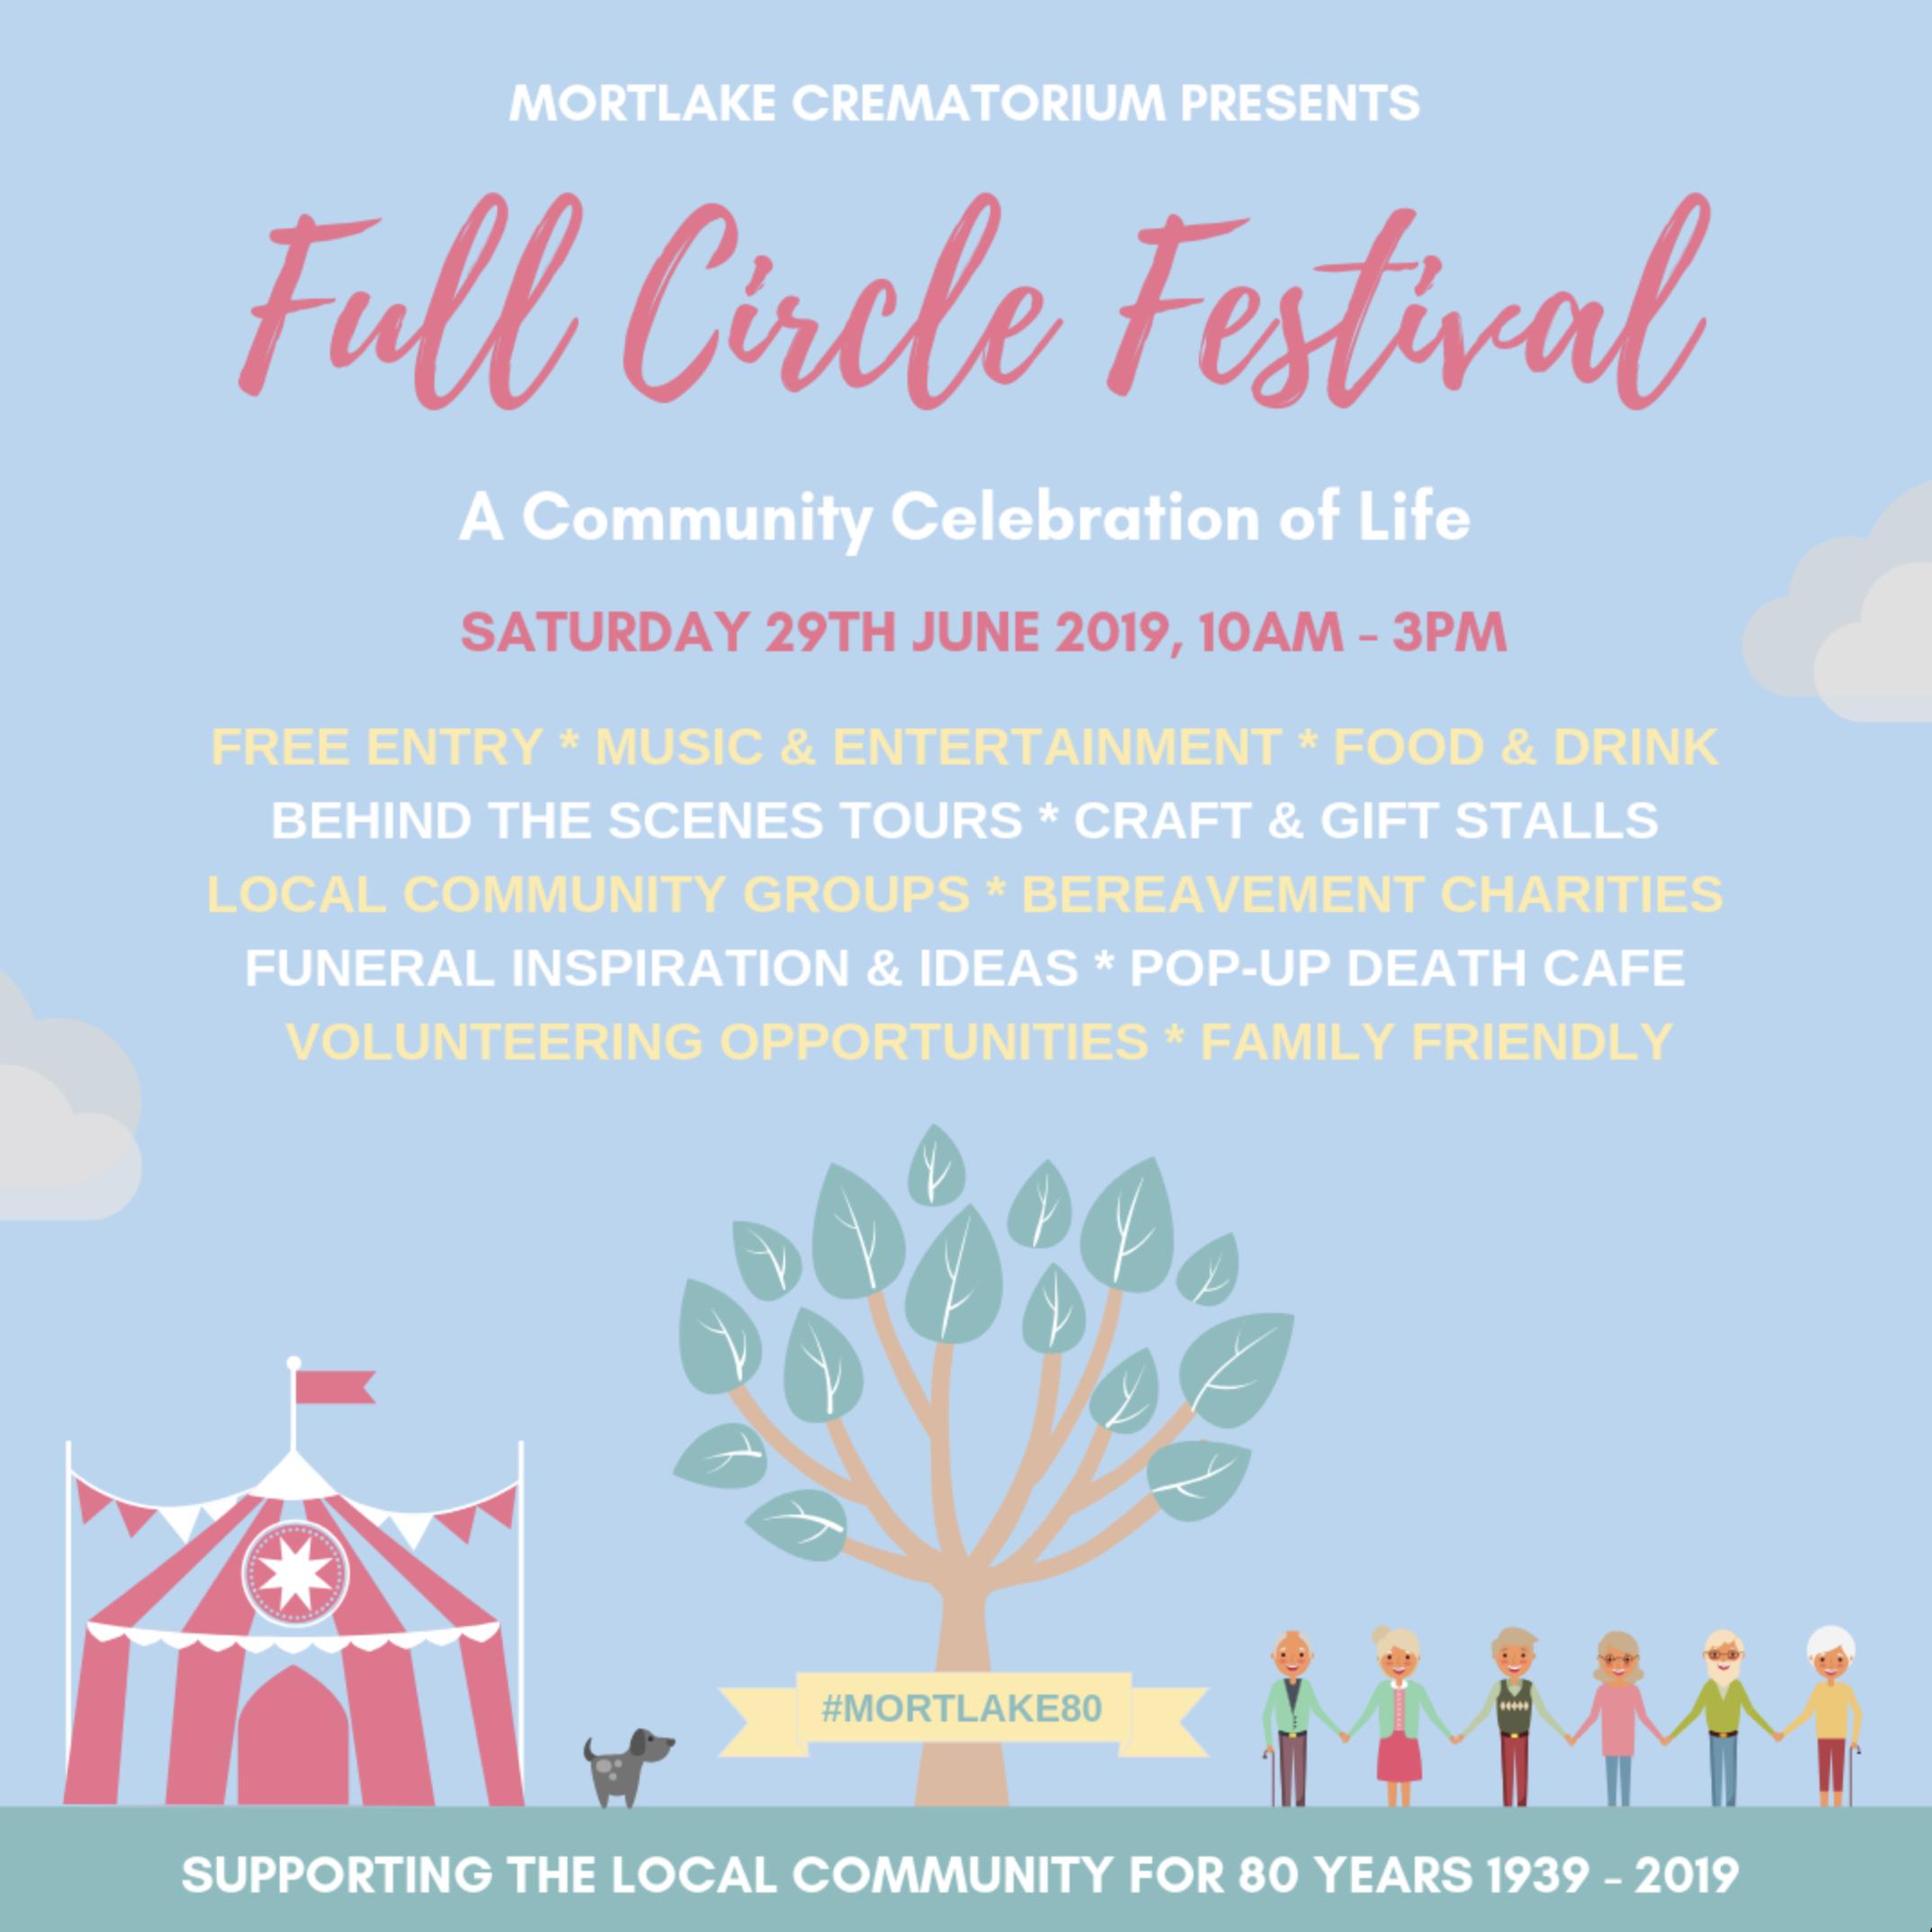 'Full Circle Festival' at Mortlake Crematorium Saturday 29th June